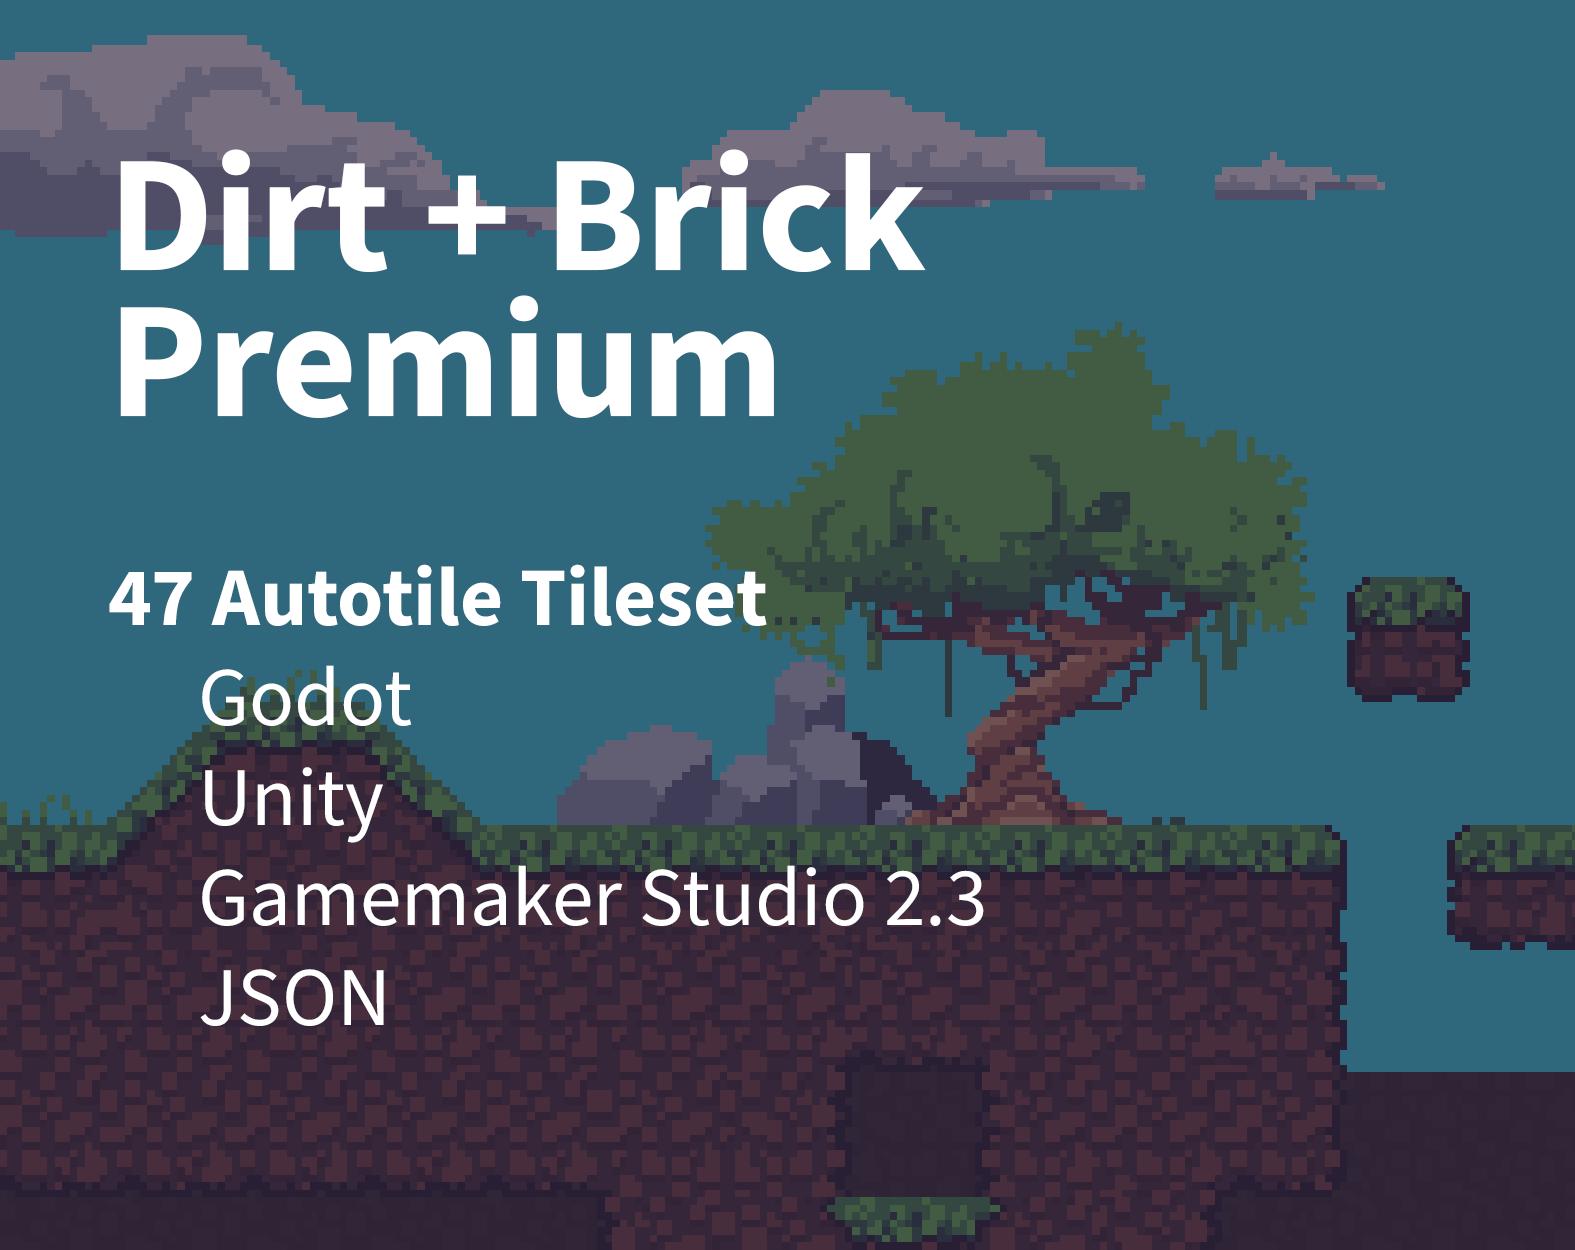 Dirt + Brick Premium